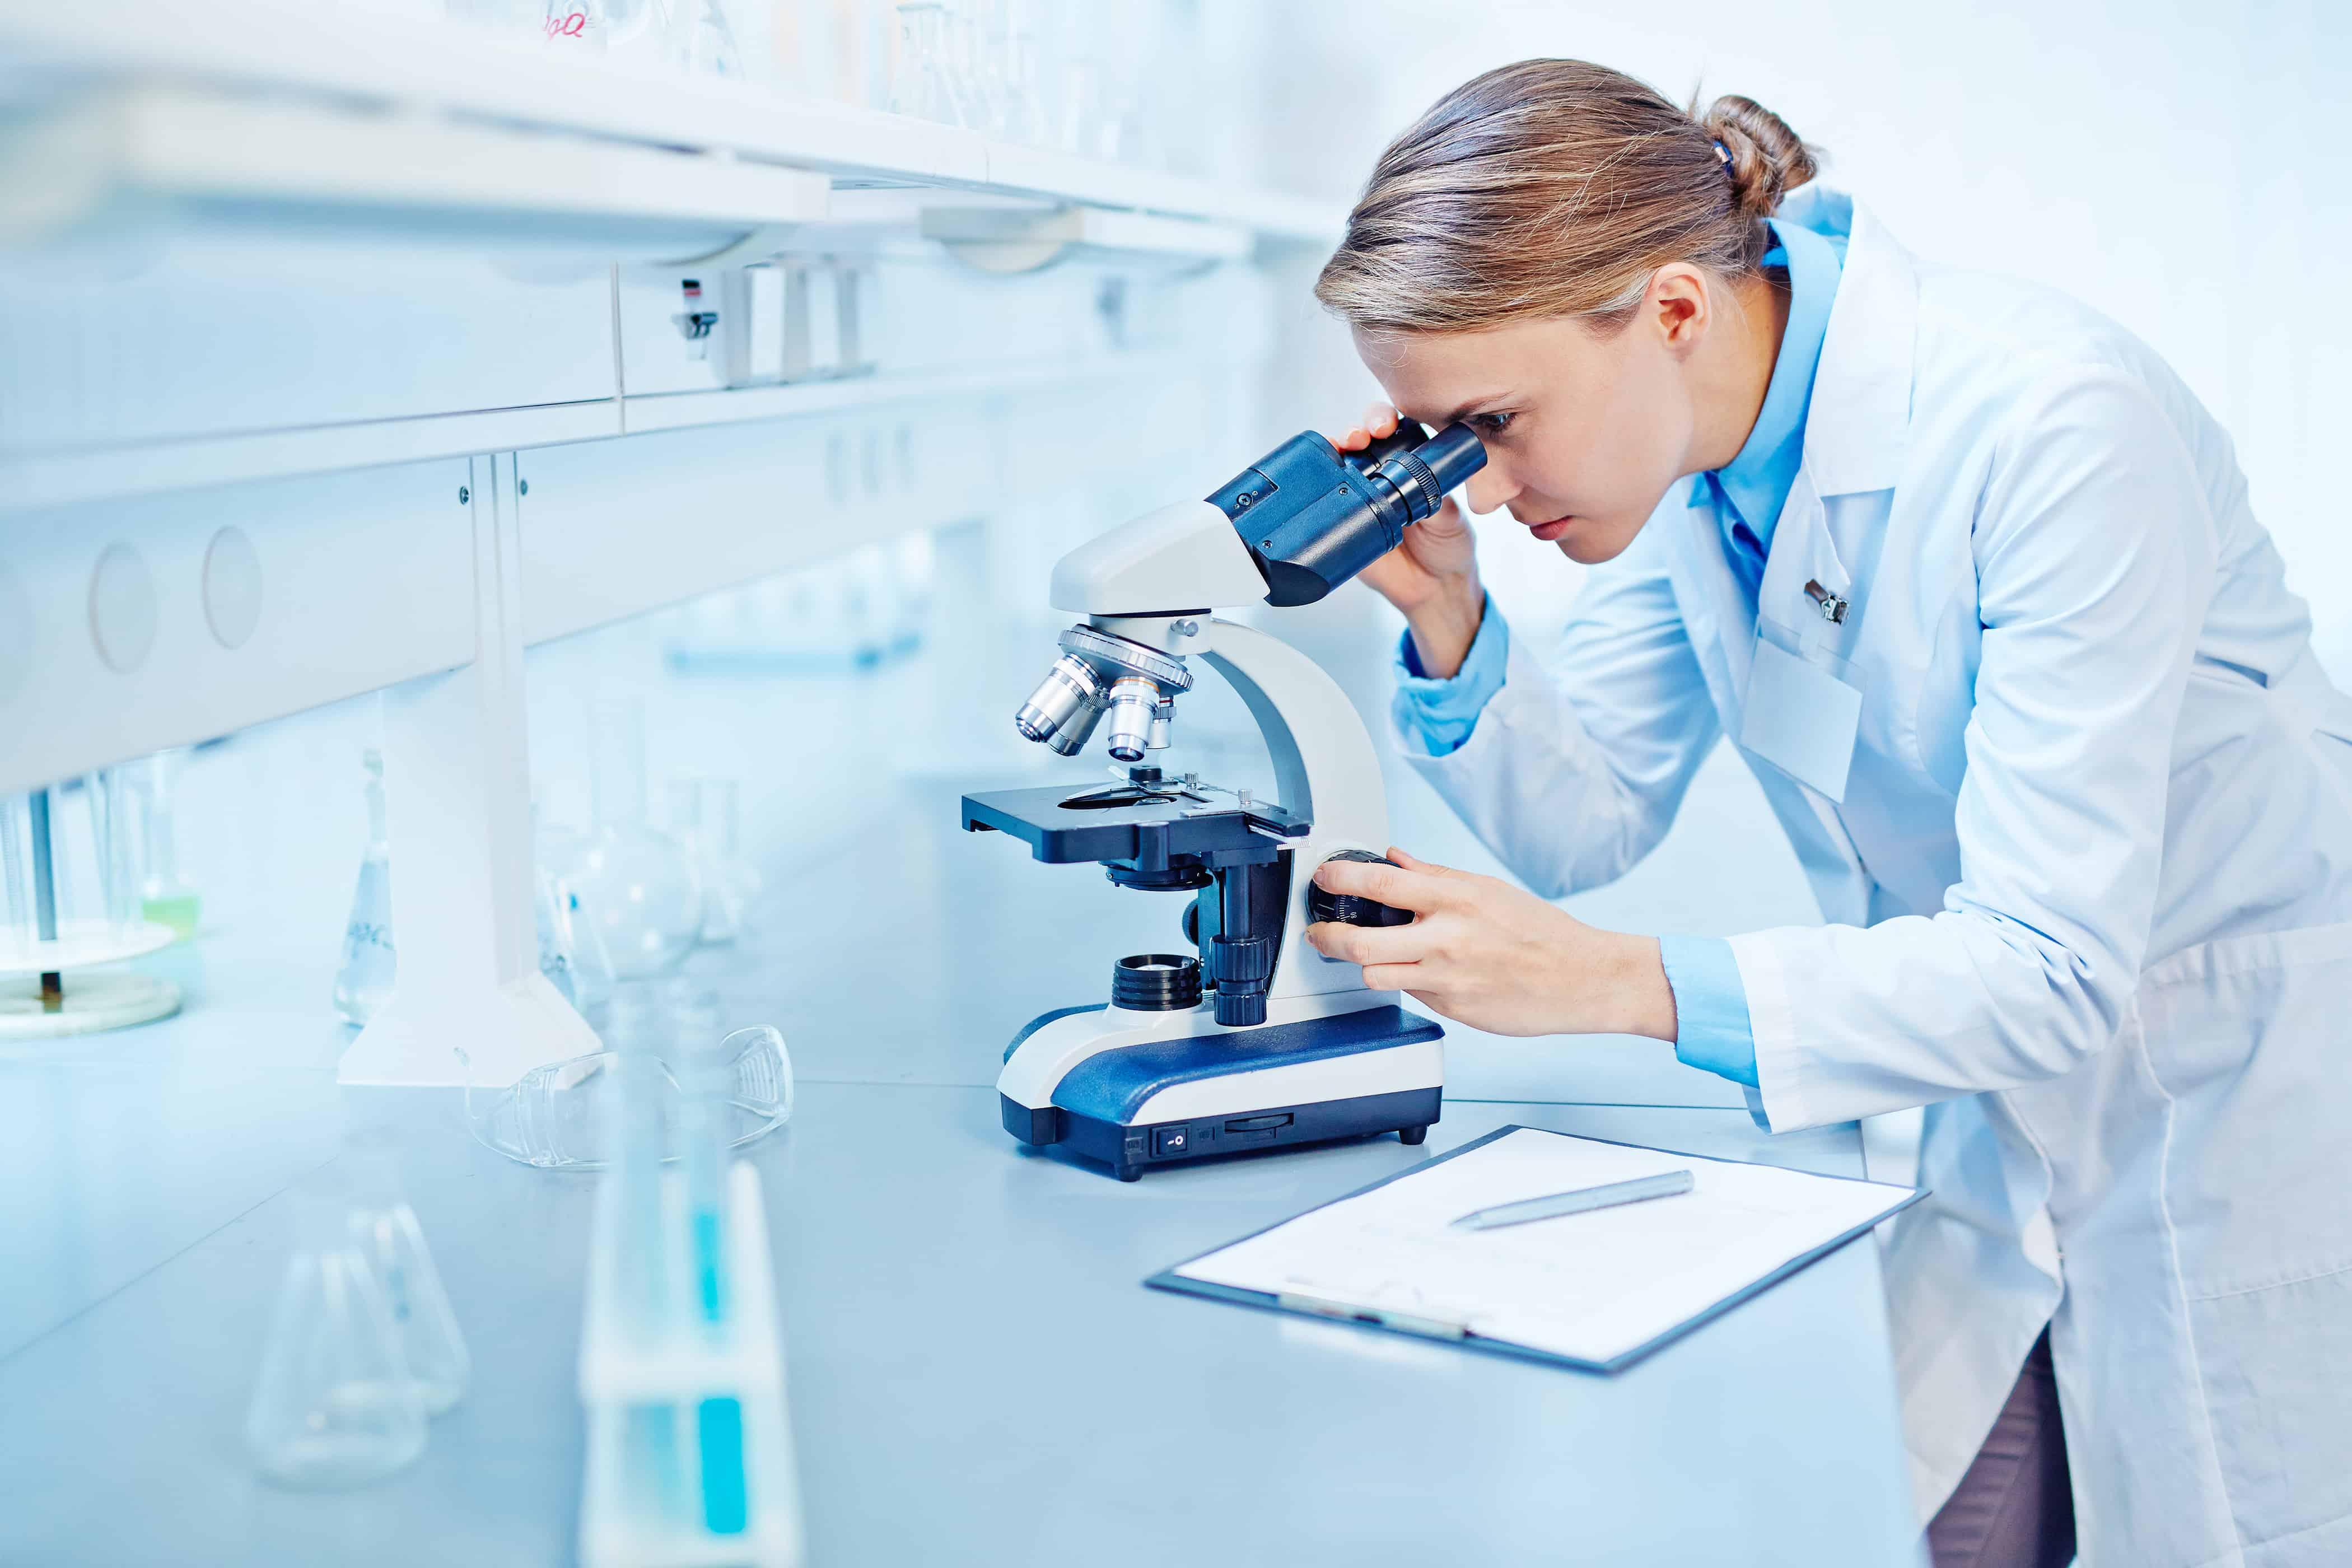 Studying new virus